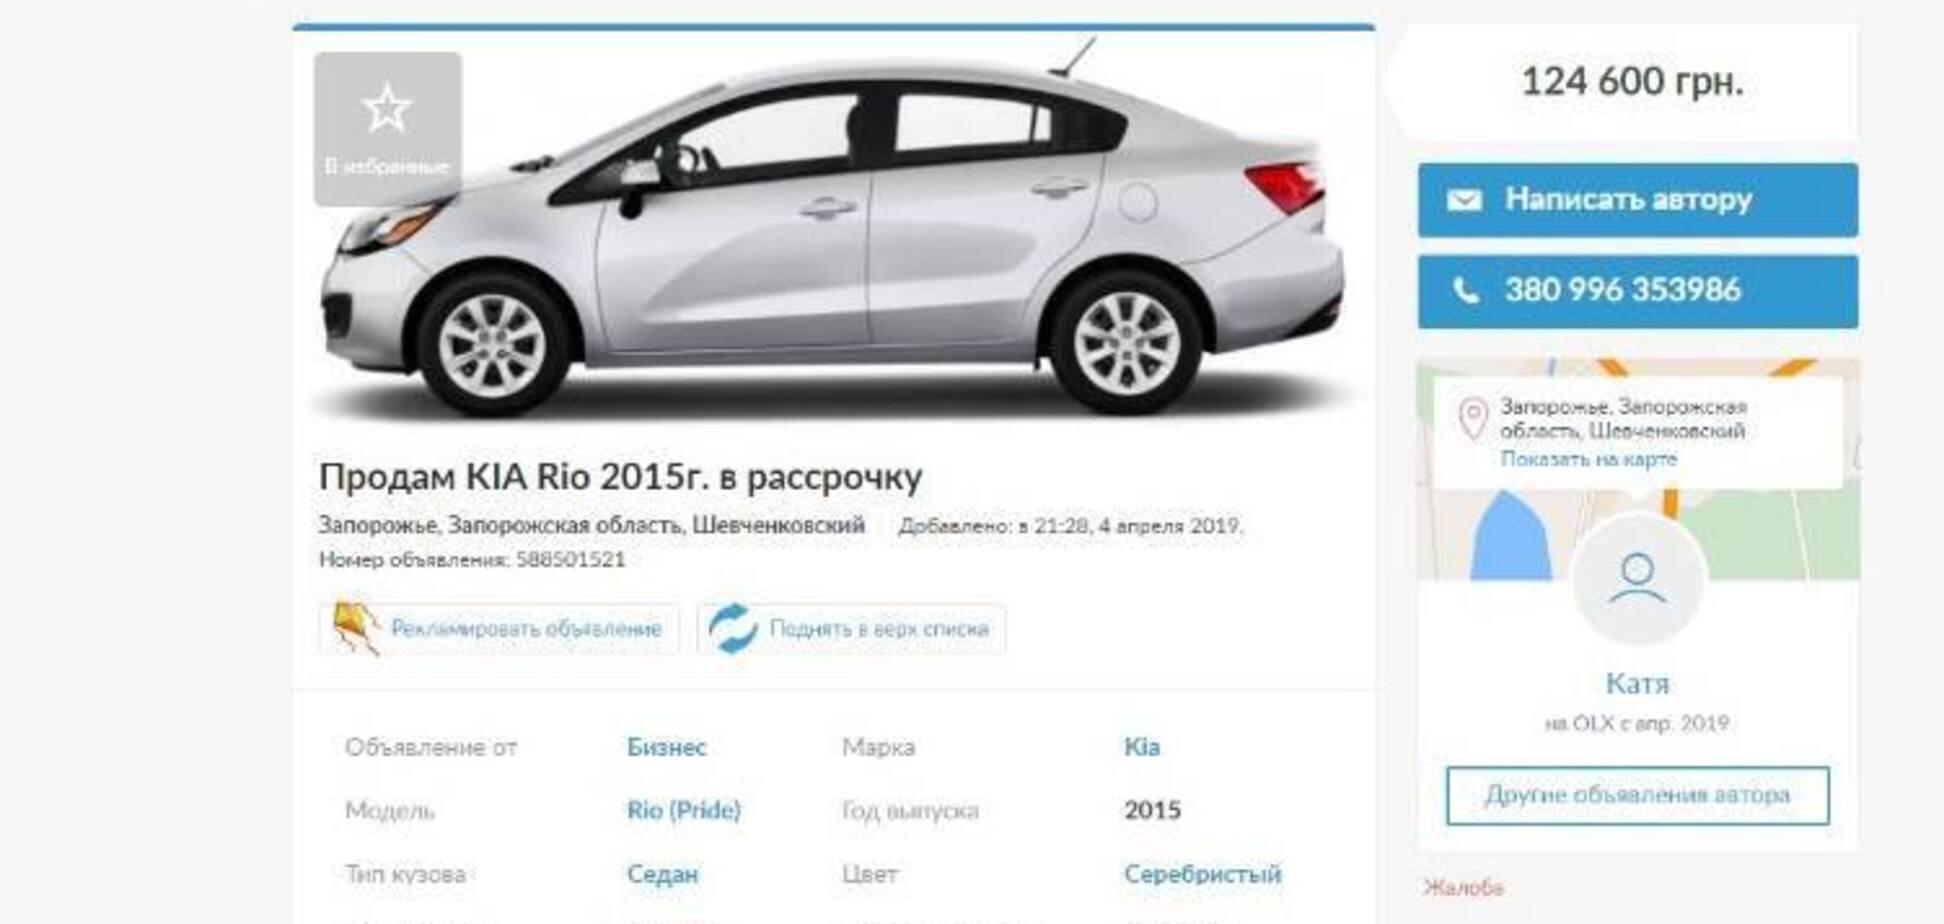 Обманули на 10 млн гривен! В Киеве раскрыли преступную схему с продажей авто